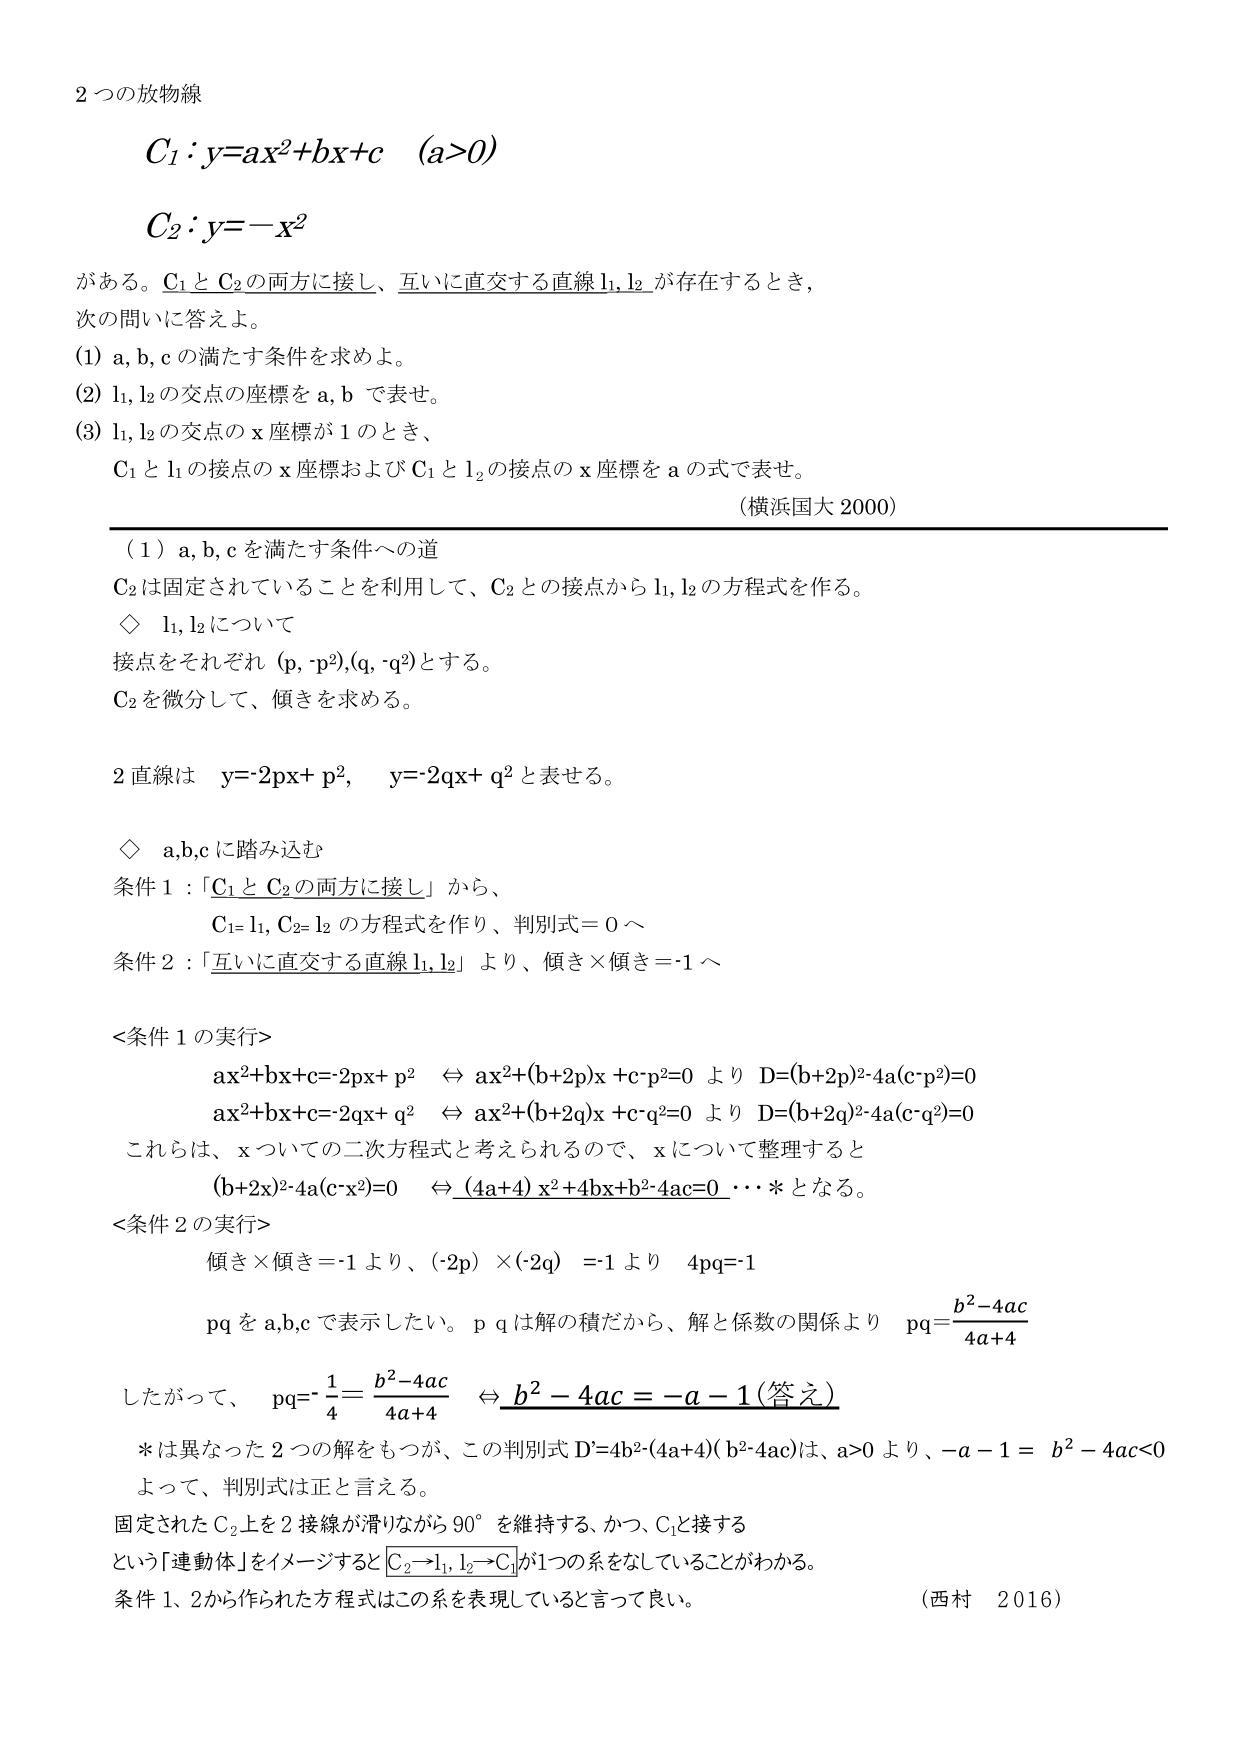 yoko2000re_01.jpg